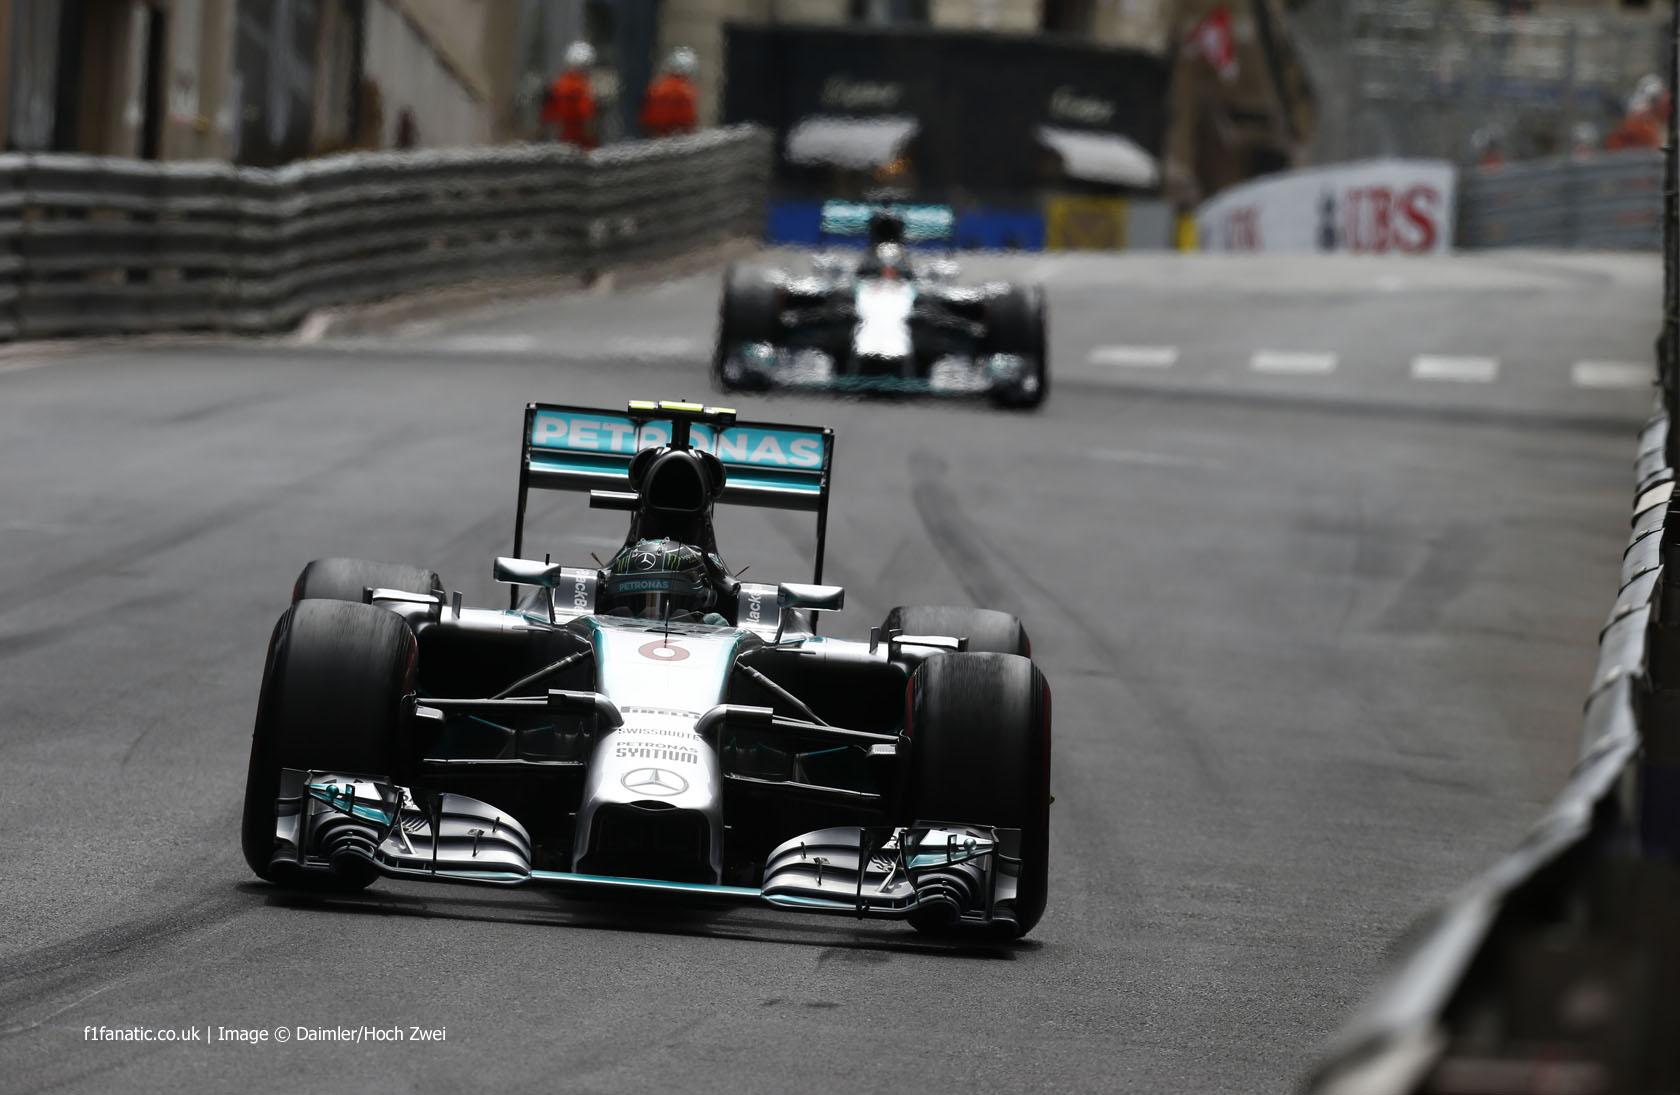 New Radio Reveals Hamilton's Suspicions In Monaco - F1 Fanatic